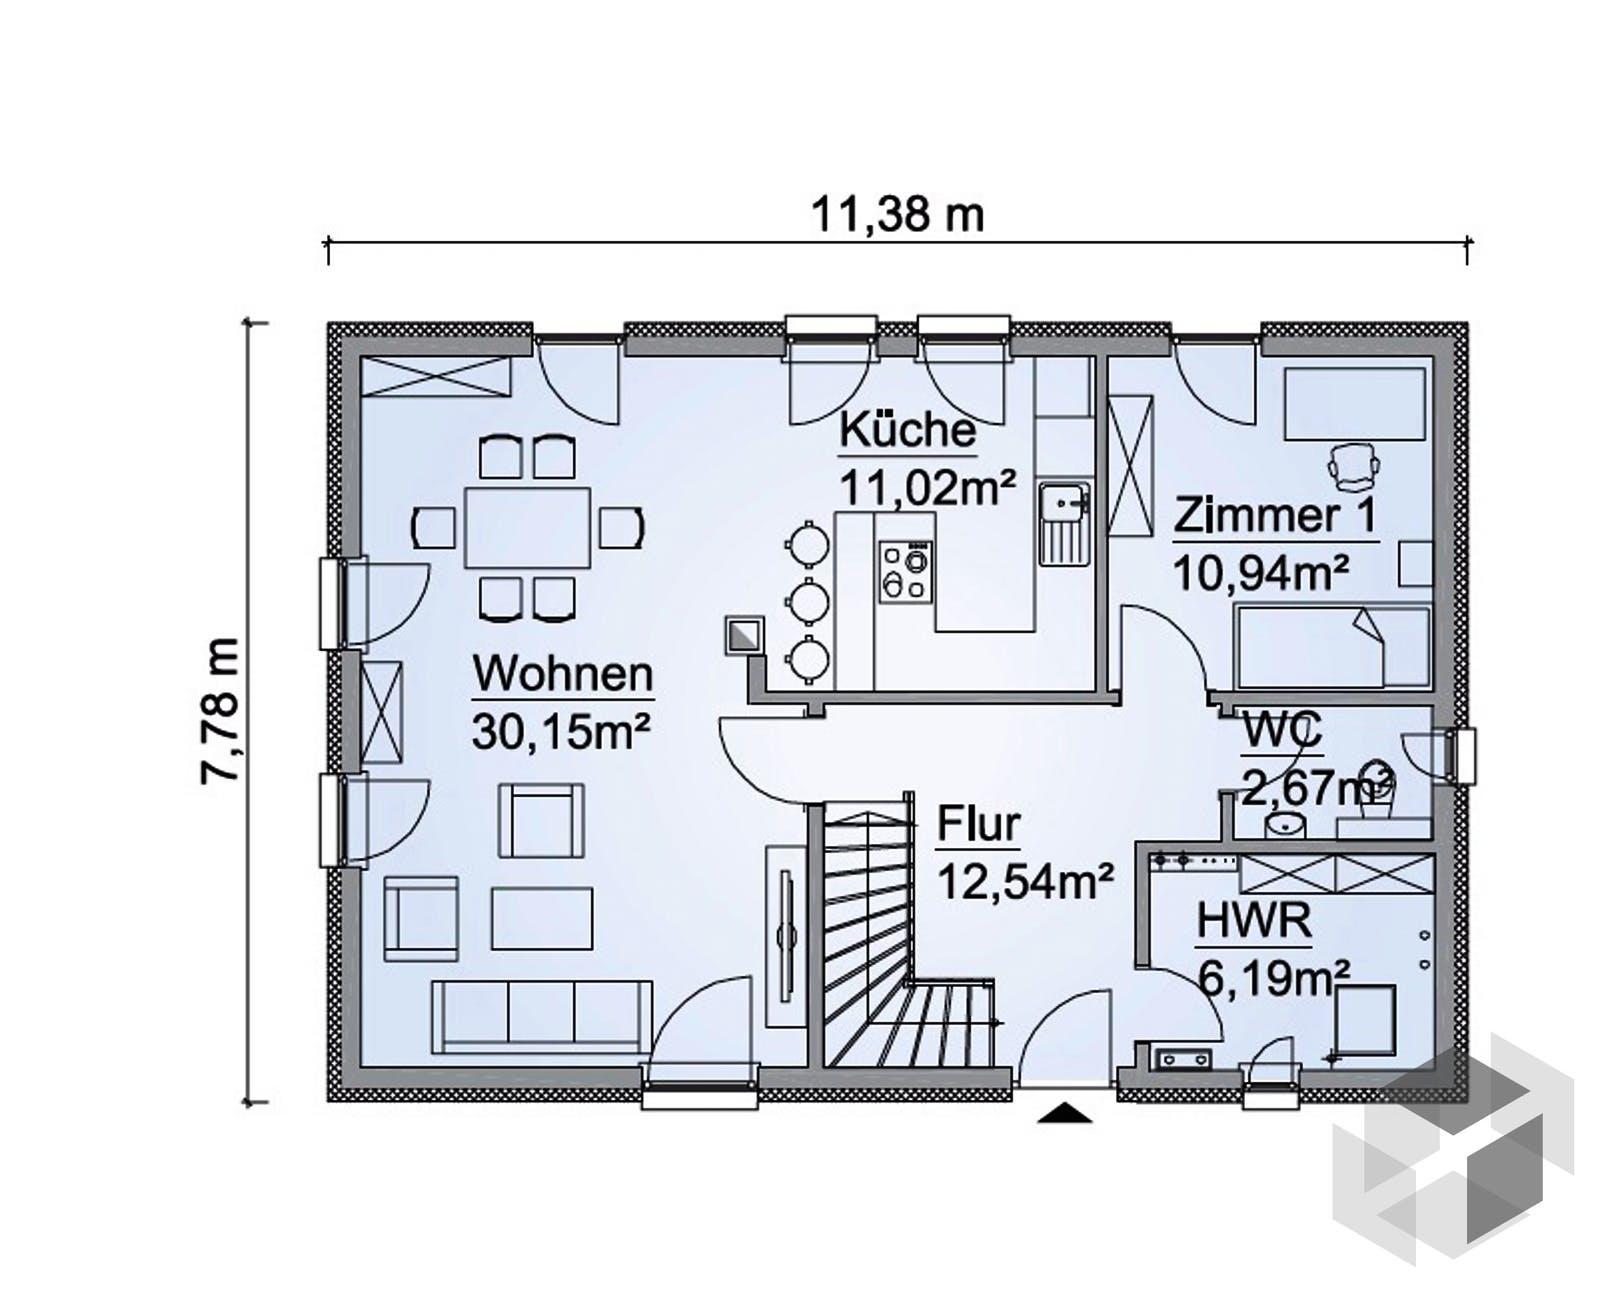 sh 142 d fs von scanhaus marlow komplette daten bersicht. Black Bedroom Furniture Sets. Home Design Ideas